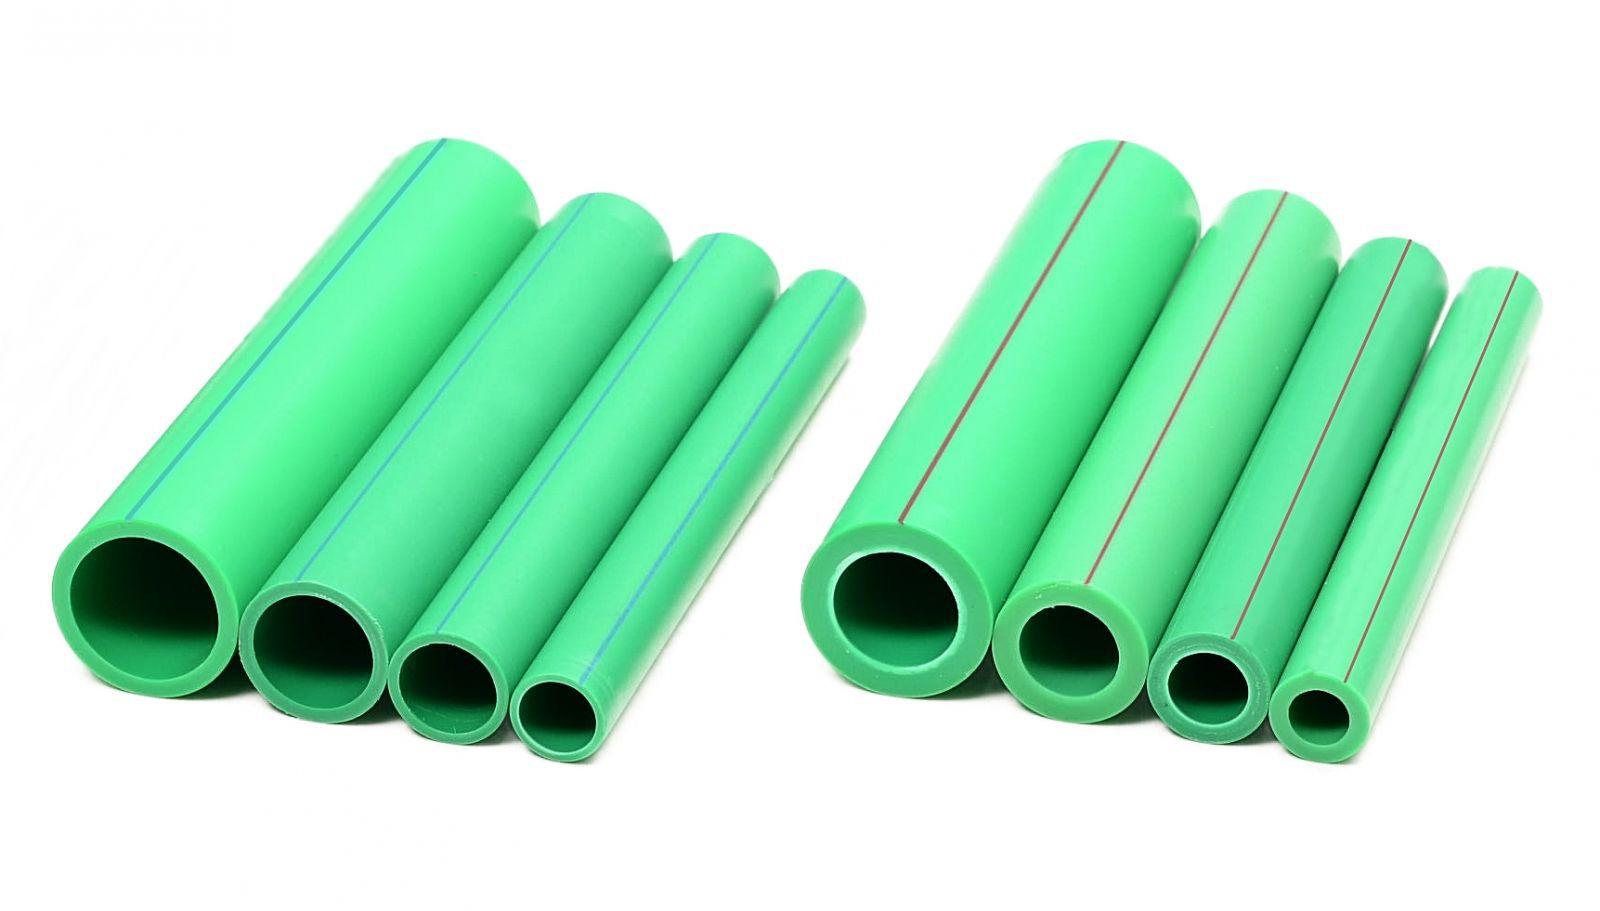 Báo Giá Vật Liệu Xây Dựng: Ống Nhựa, Ống Nước 4